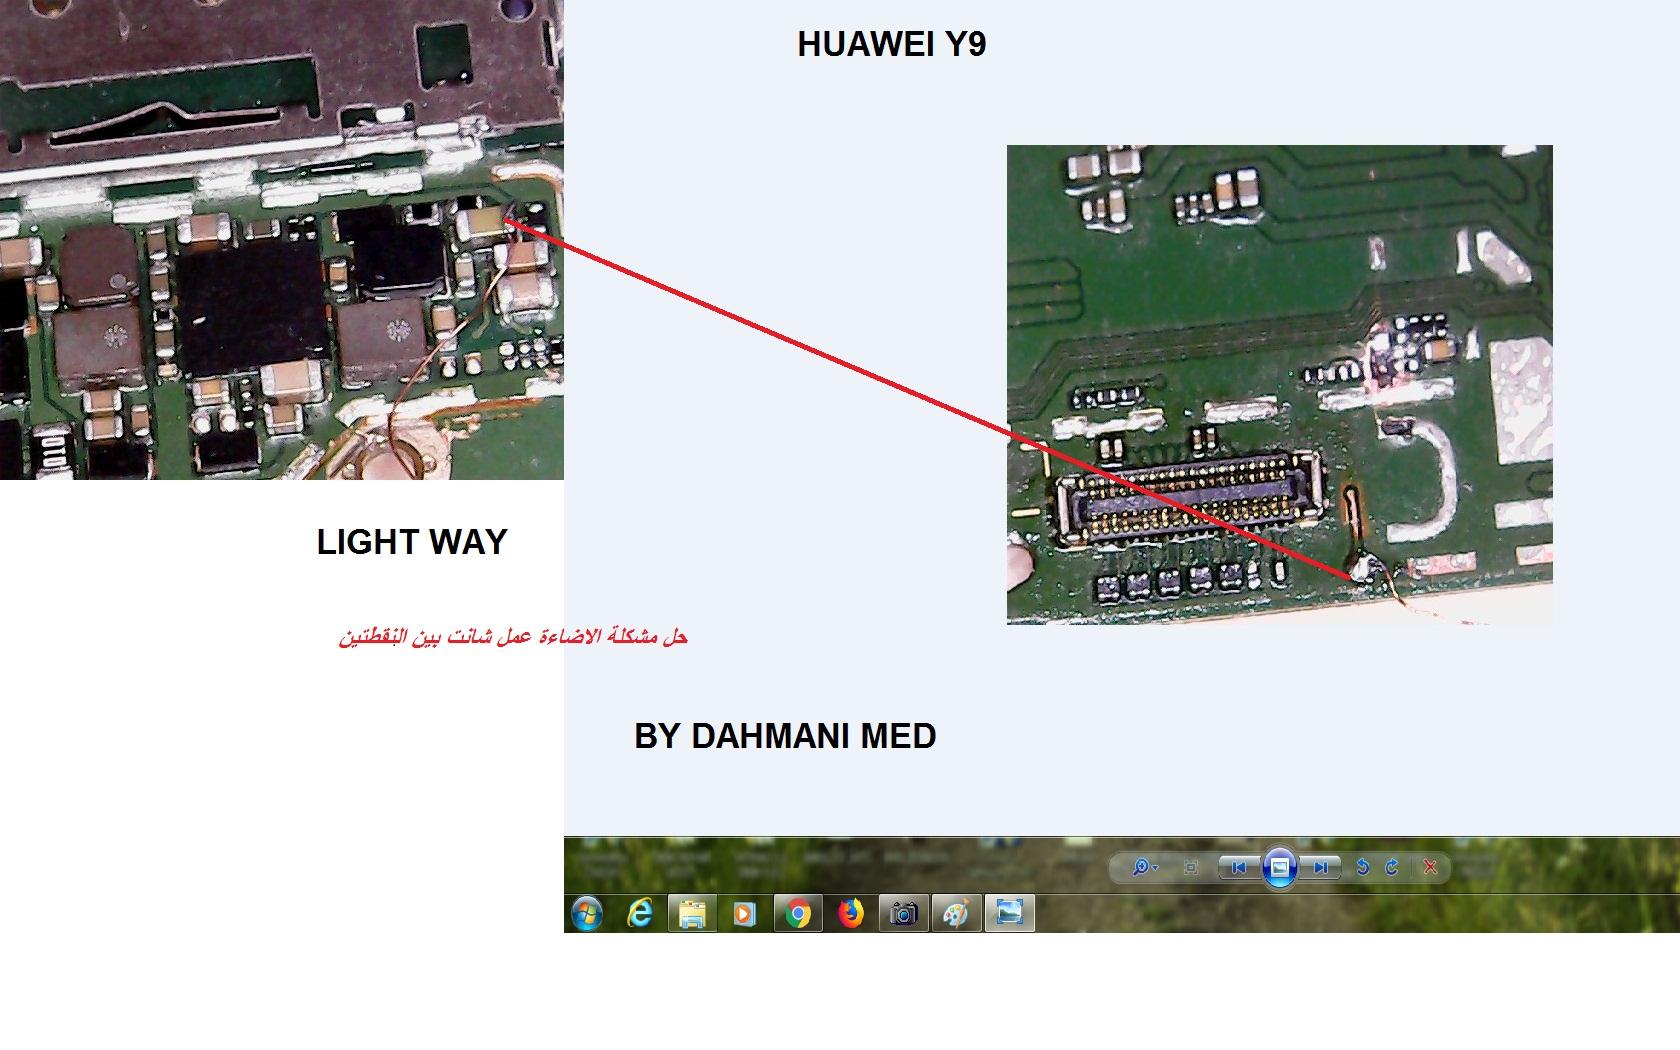 حل مشكلة الاضاءة huawei y9